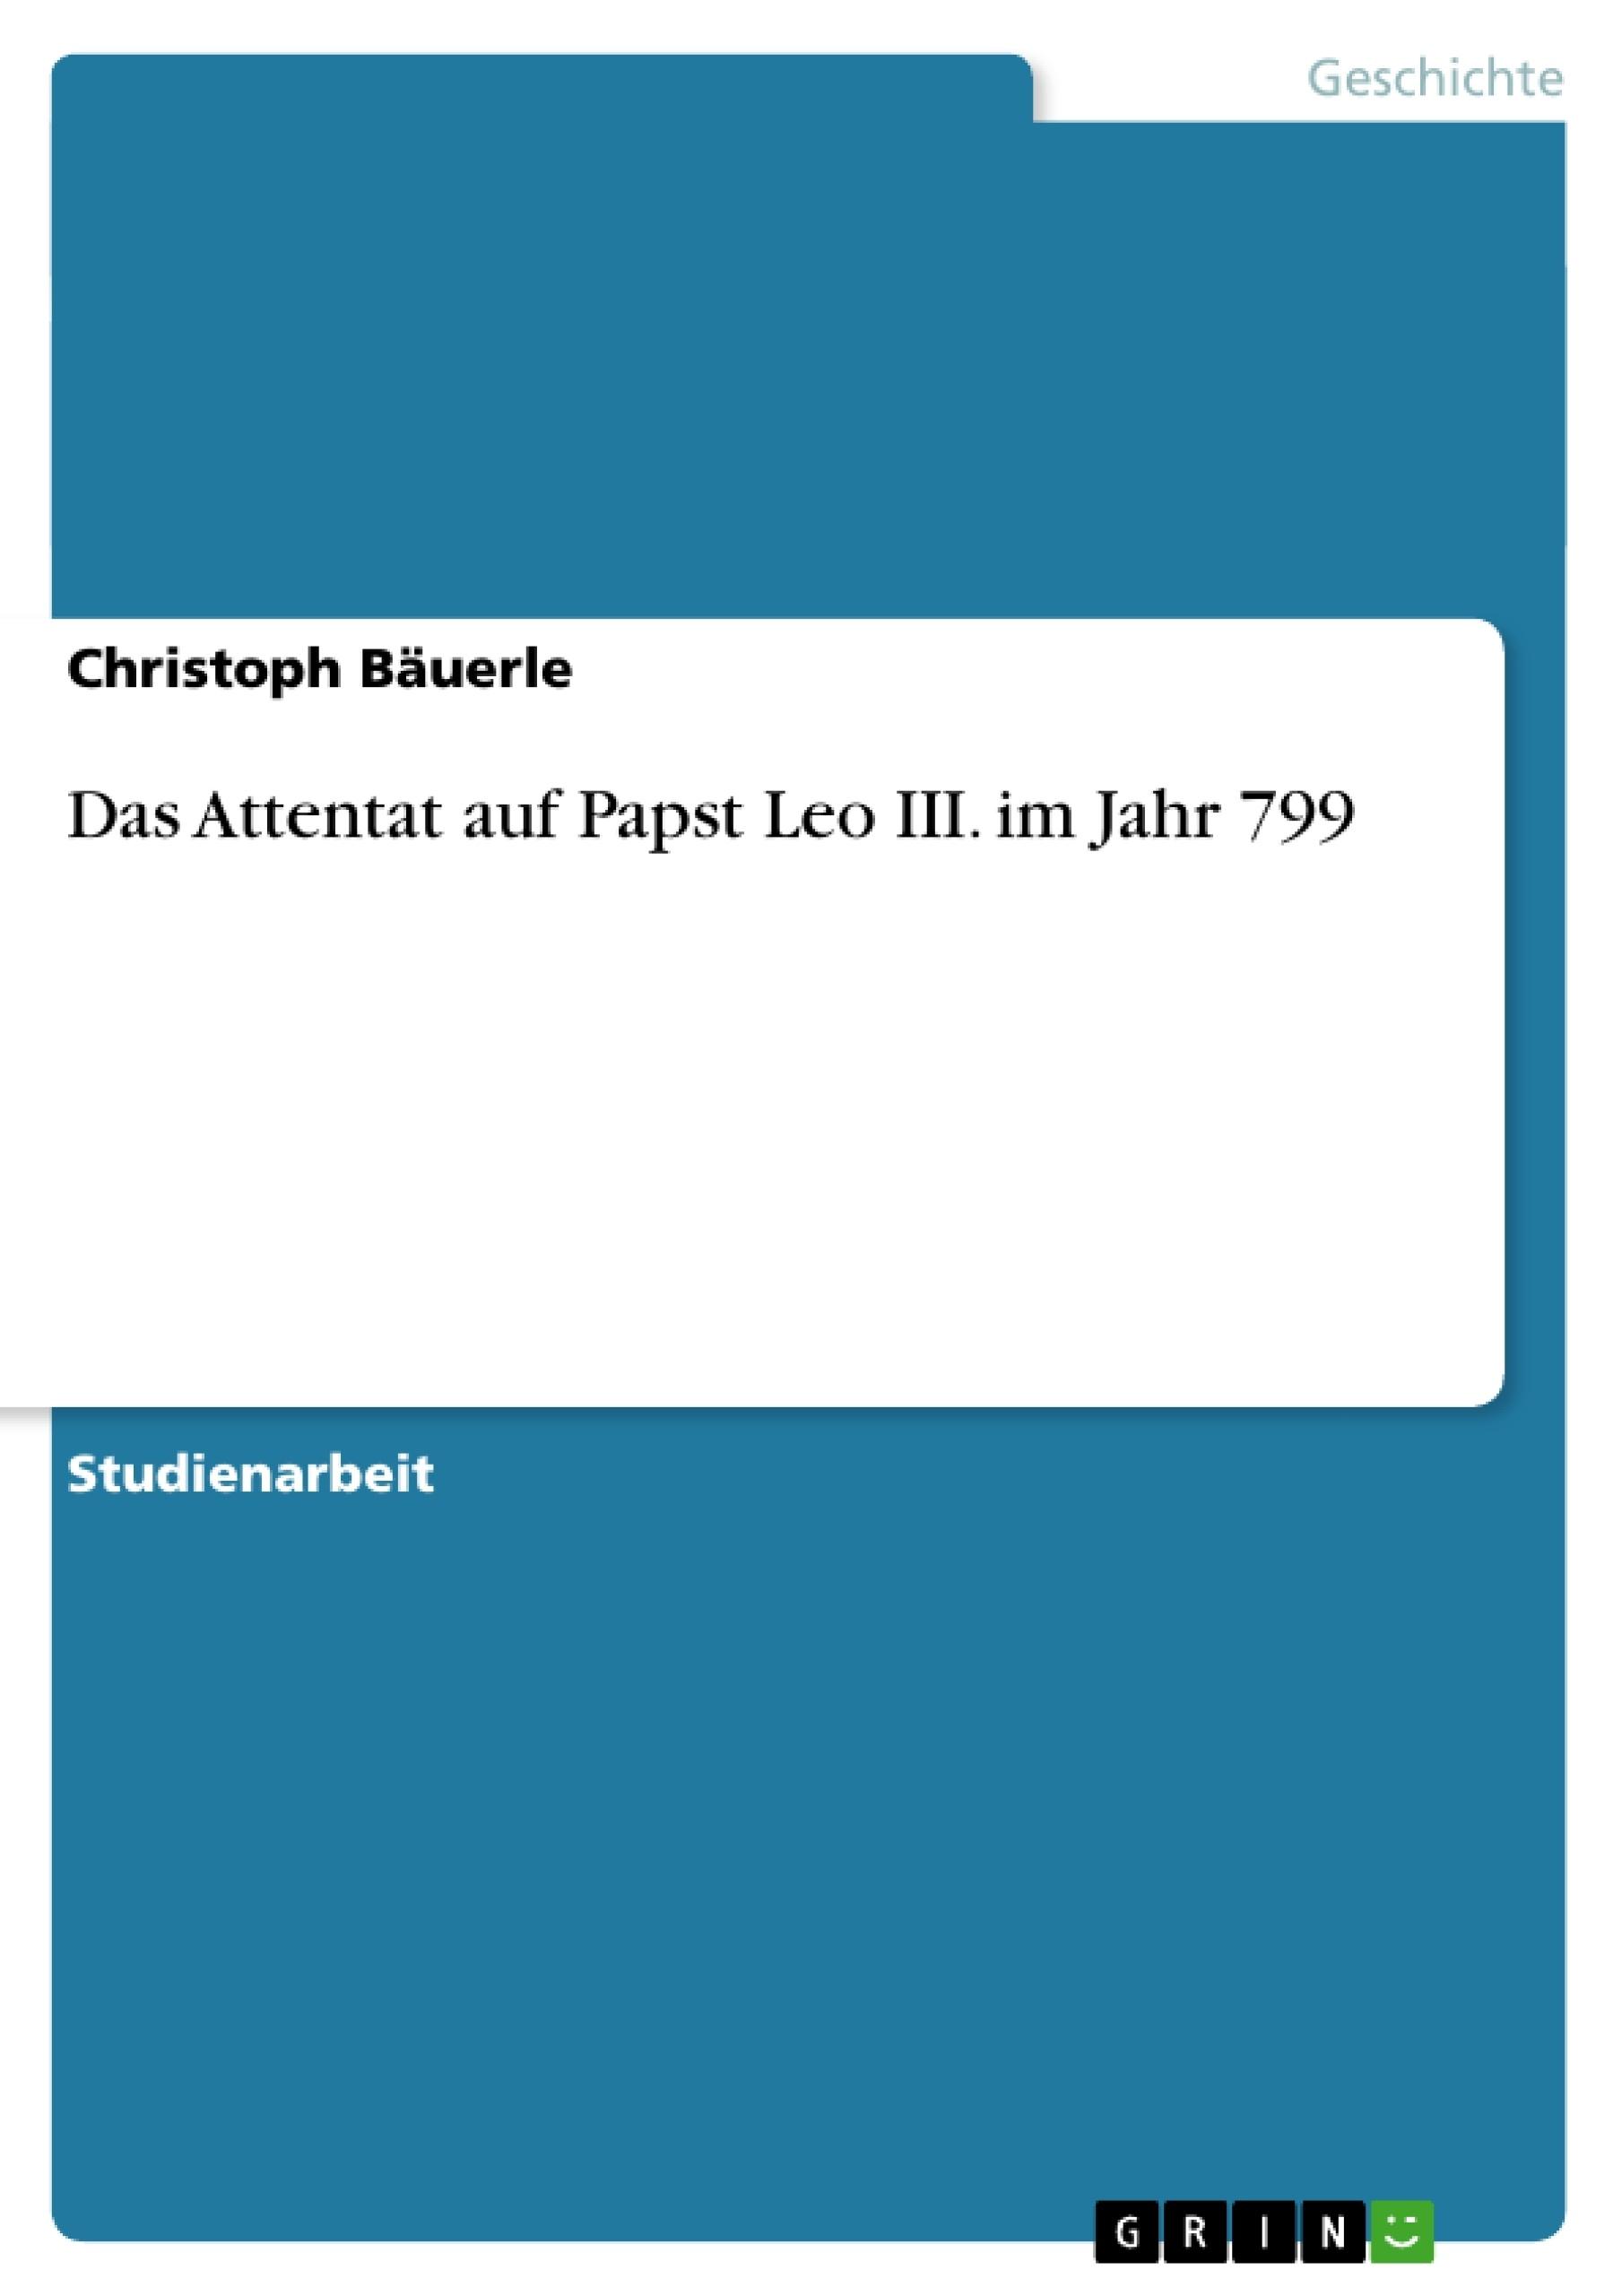 Titel: Das Attentat auf Papst Leo III. im Jahr 799